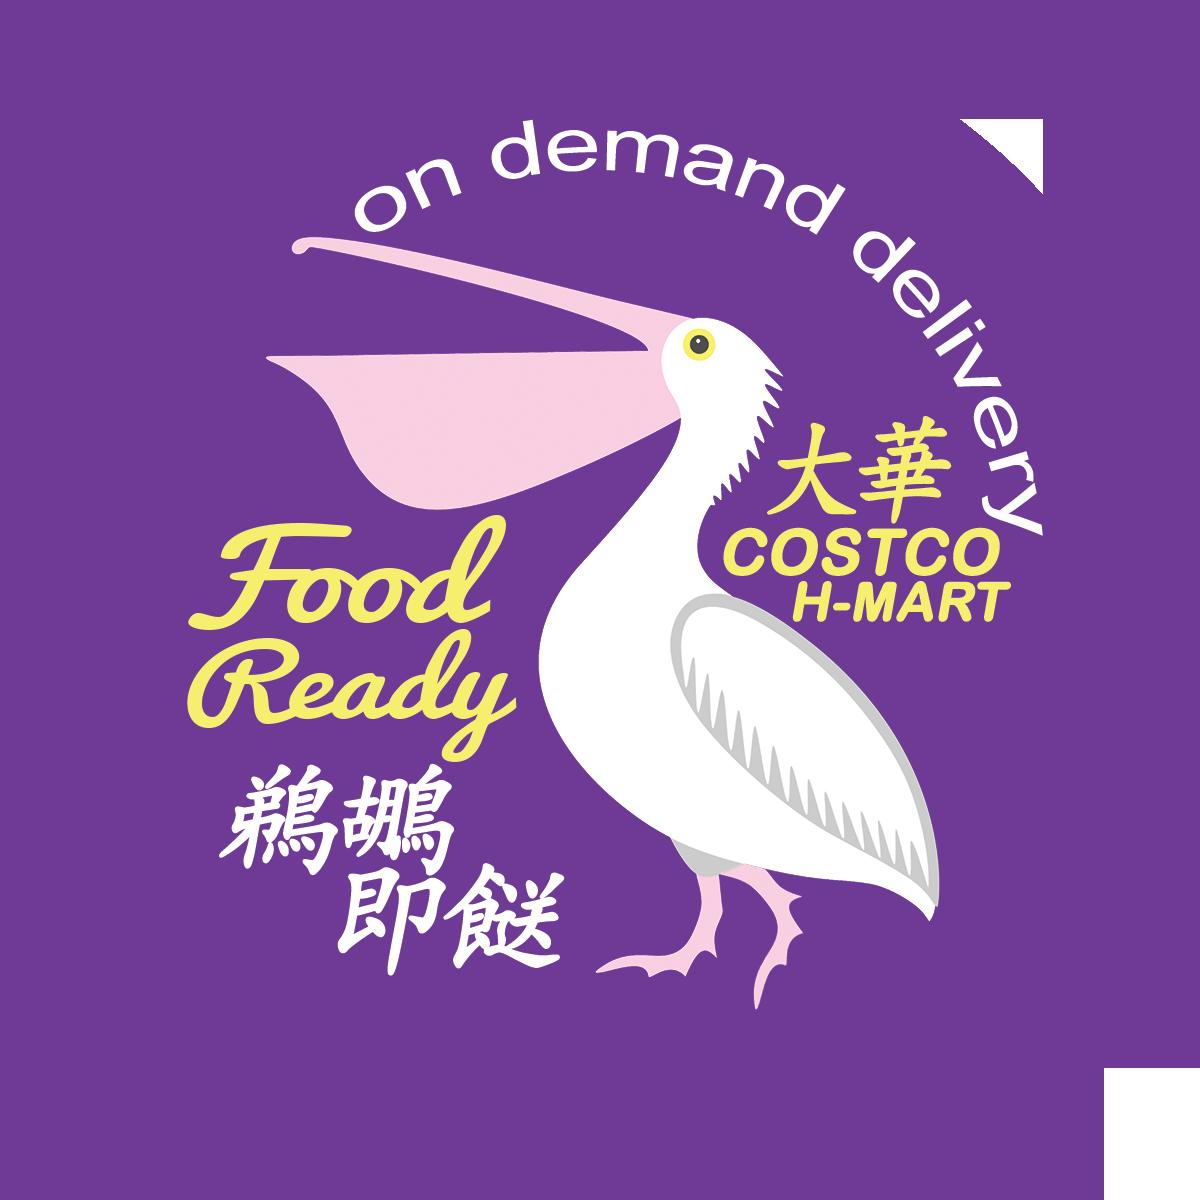 jincart foodready